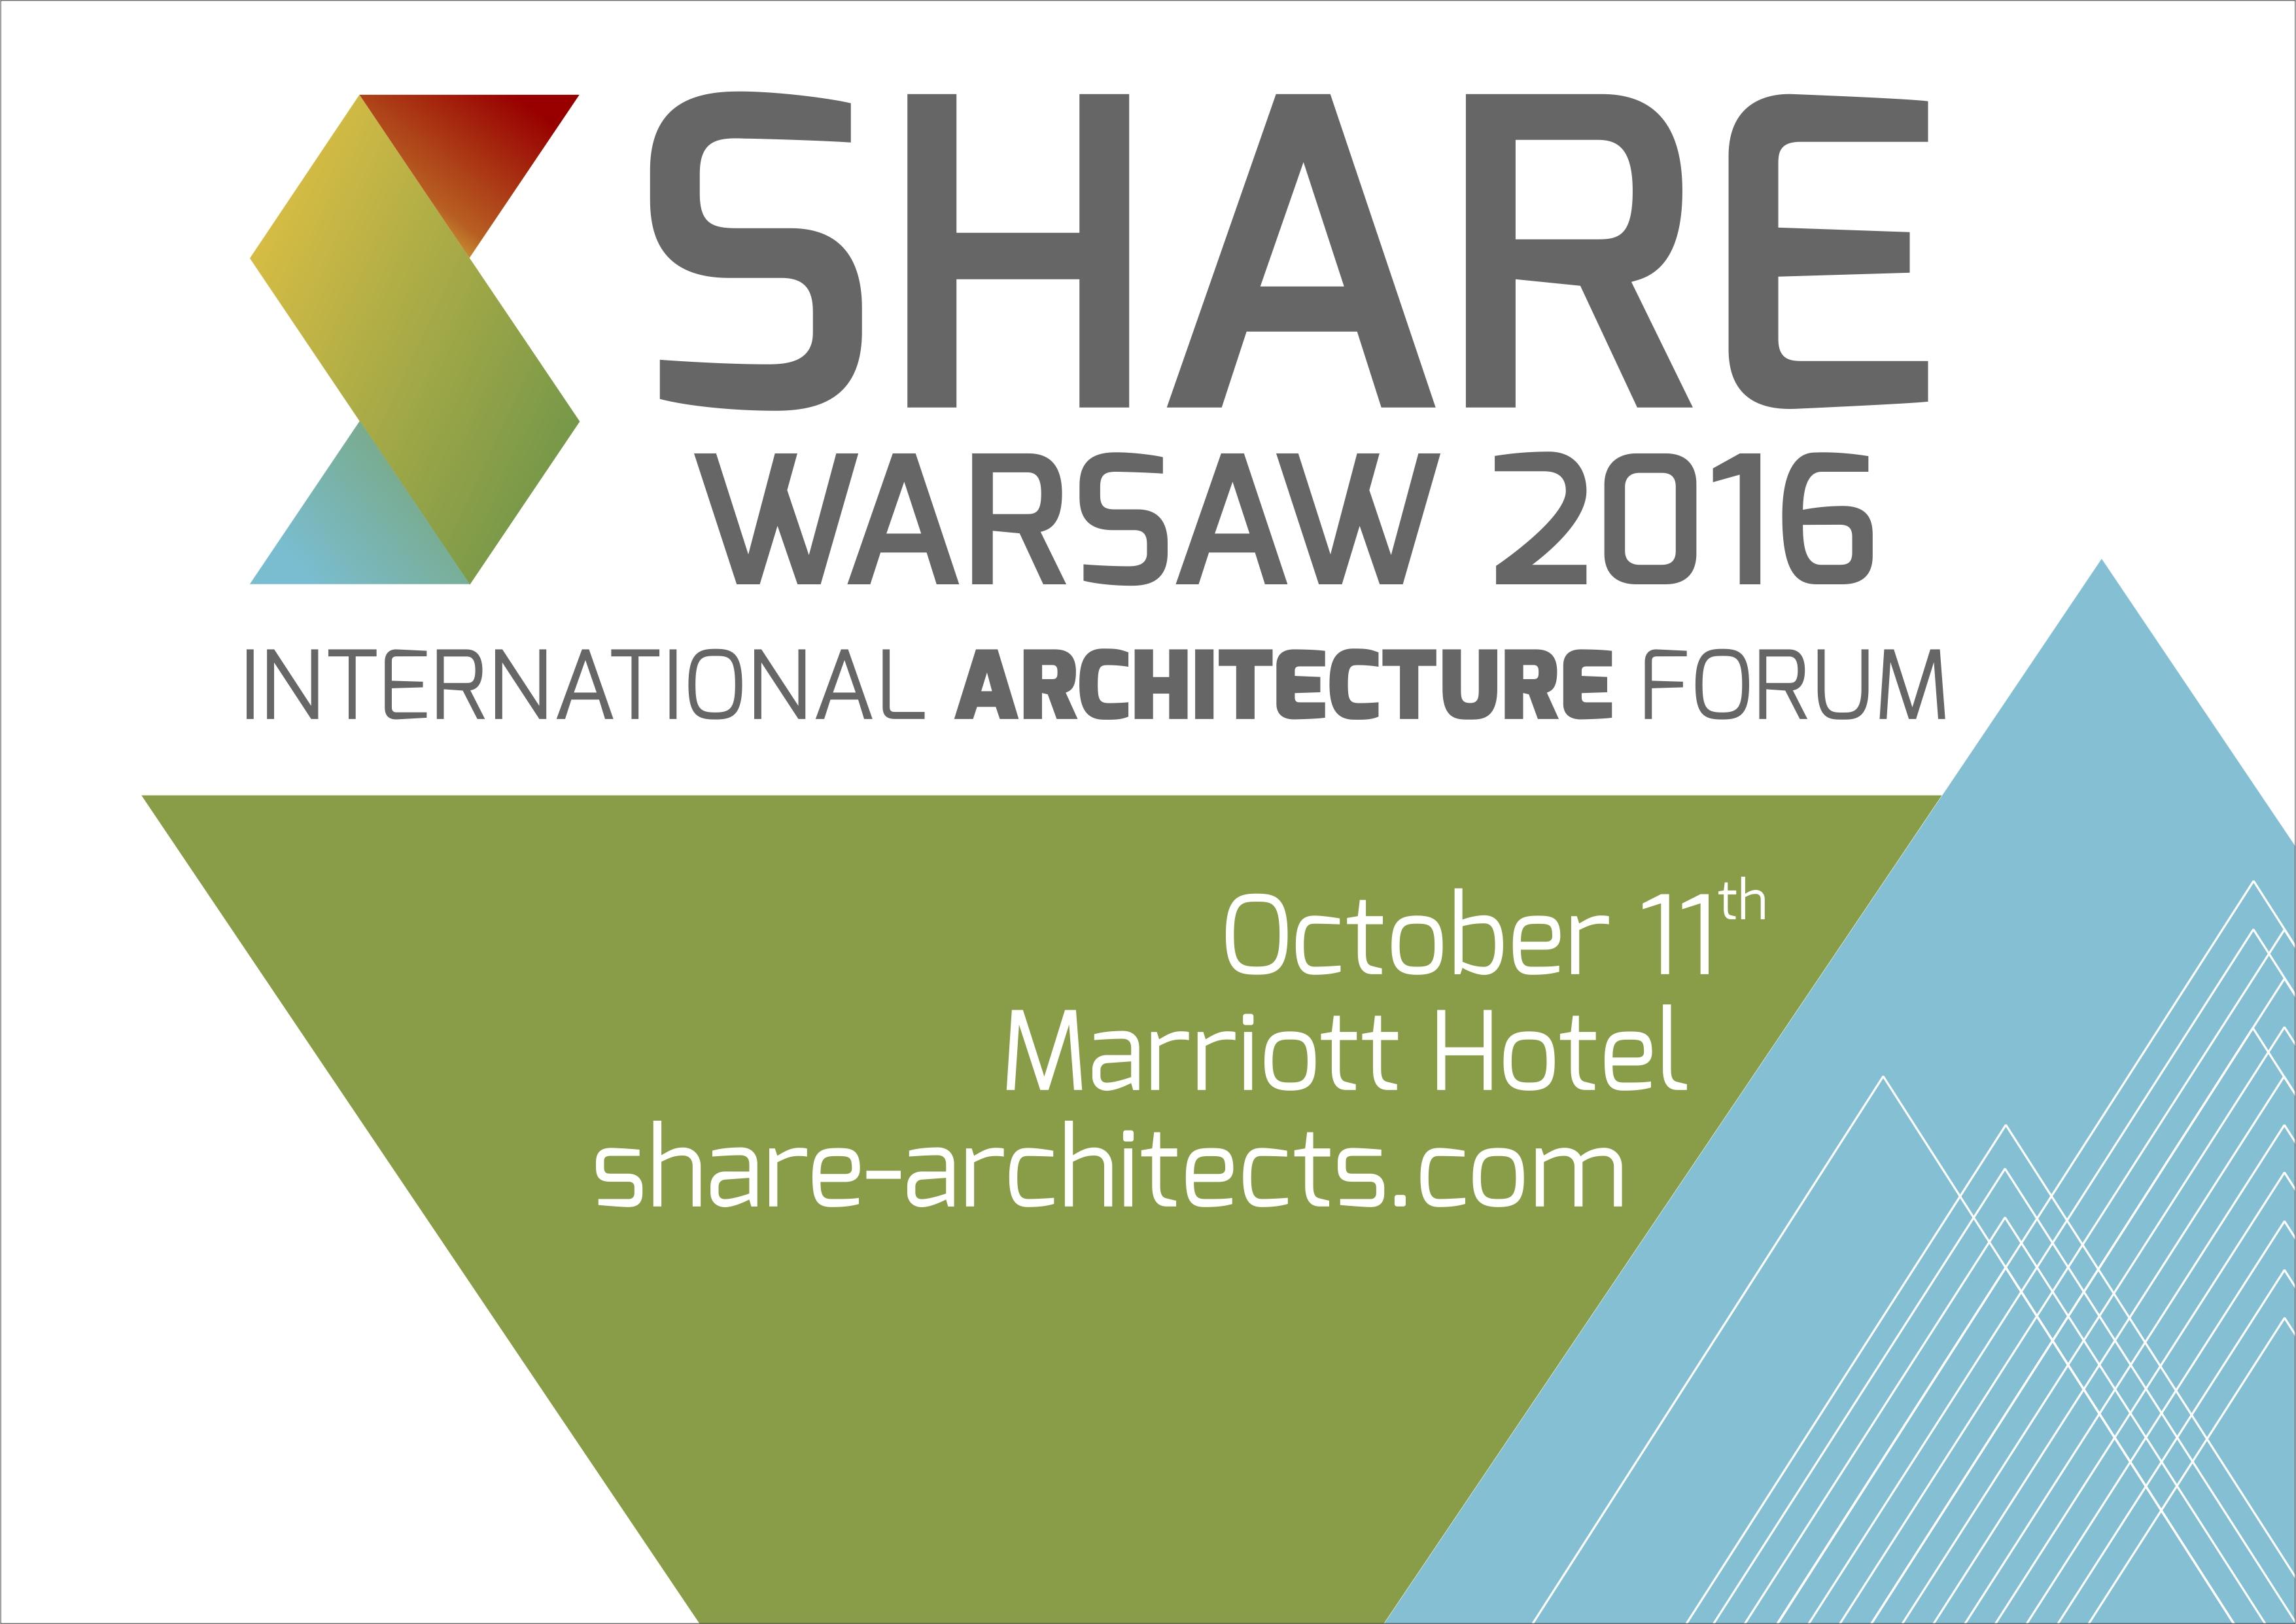 WIZJONERSKA ARCHITEKTURA NA MIĘDZYNARODOWYM FORUM ARCHITEKTURY SHARE WARSZAWA